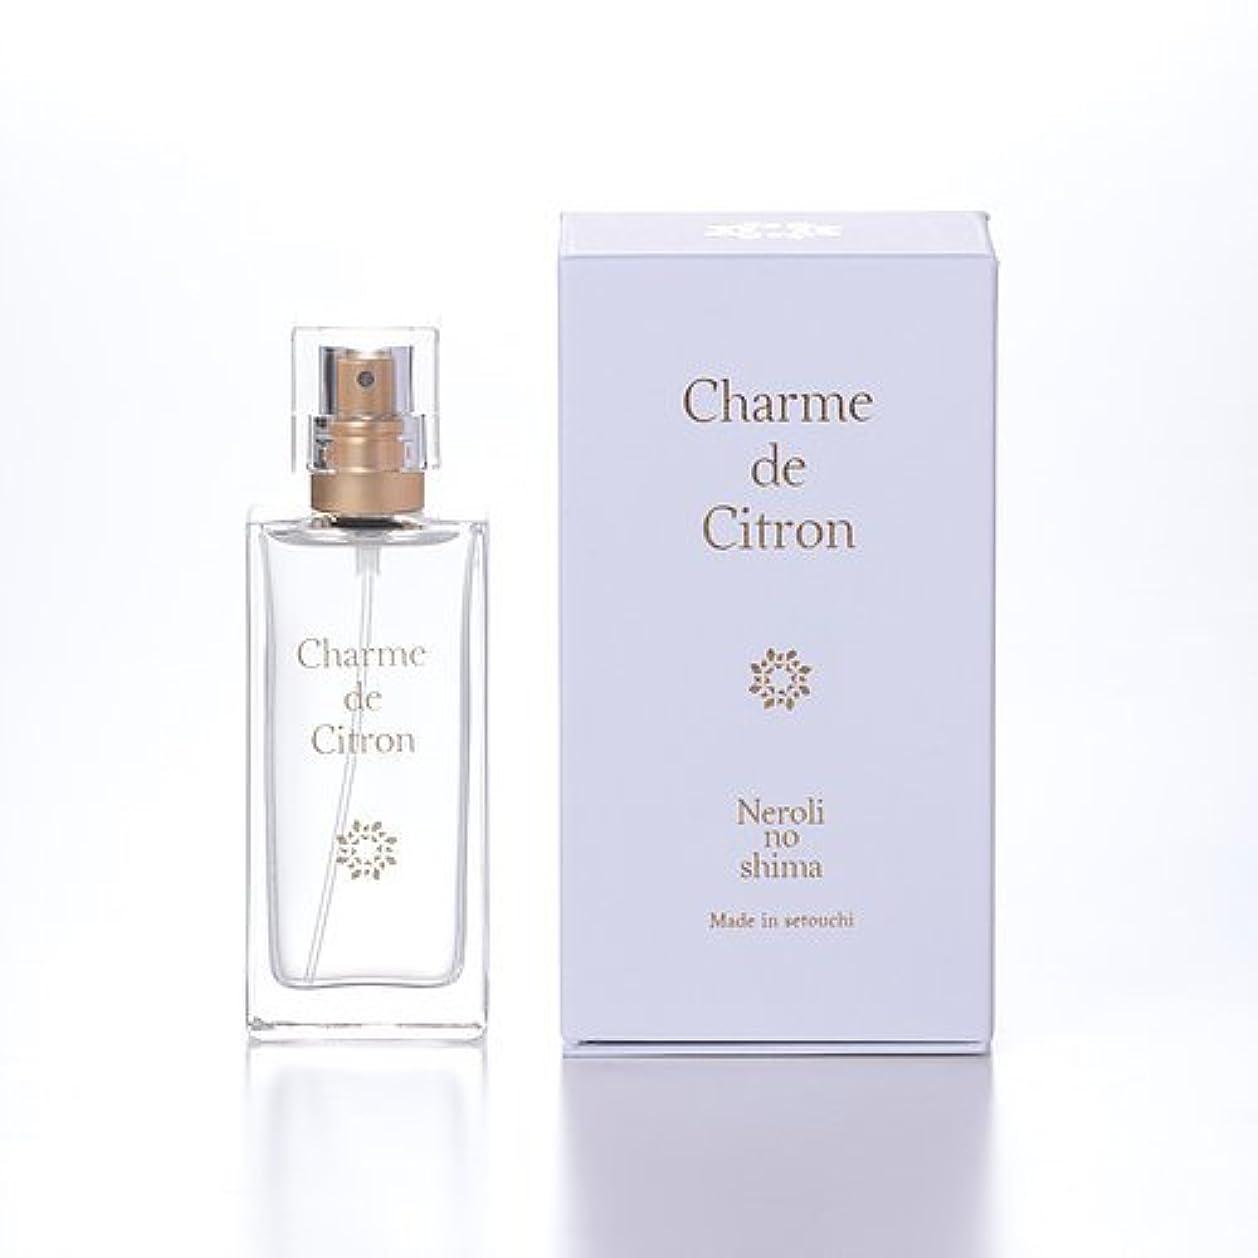 教師の日レポートを書く最小天然エッセンシャルフレグランス Charme de Citron 瀬戸内シトラスの香り